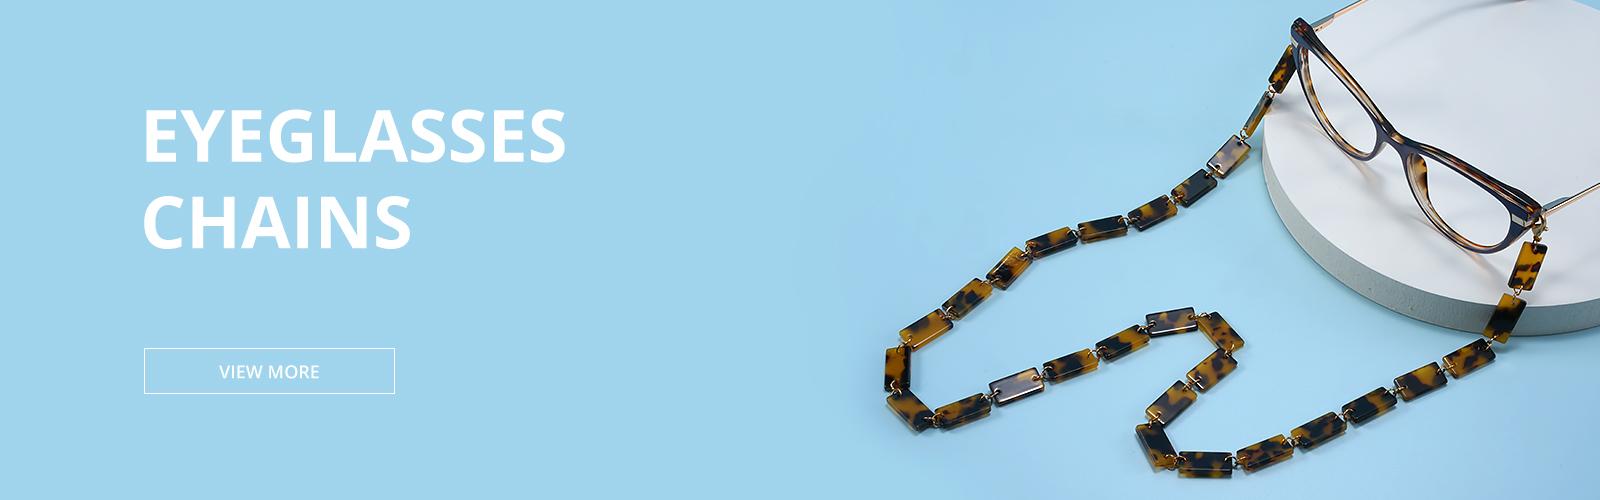 eyeglasses chains